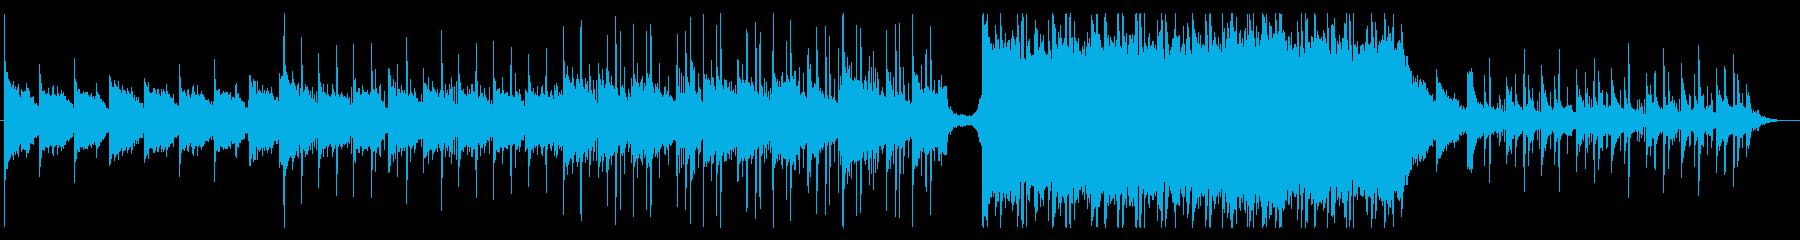 ピアノアルペジオが綺麗な切ない曲の再生済みの波形